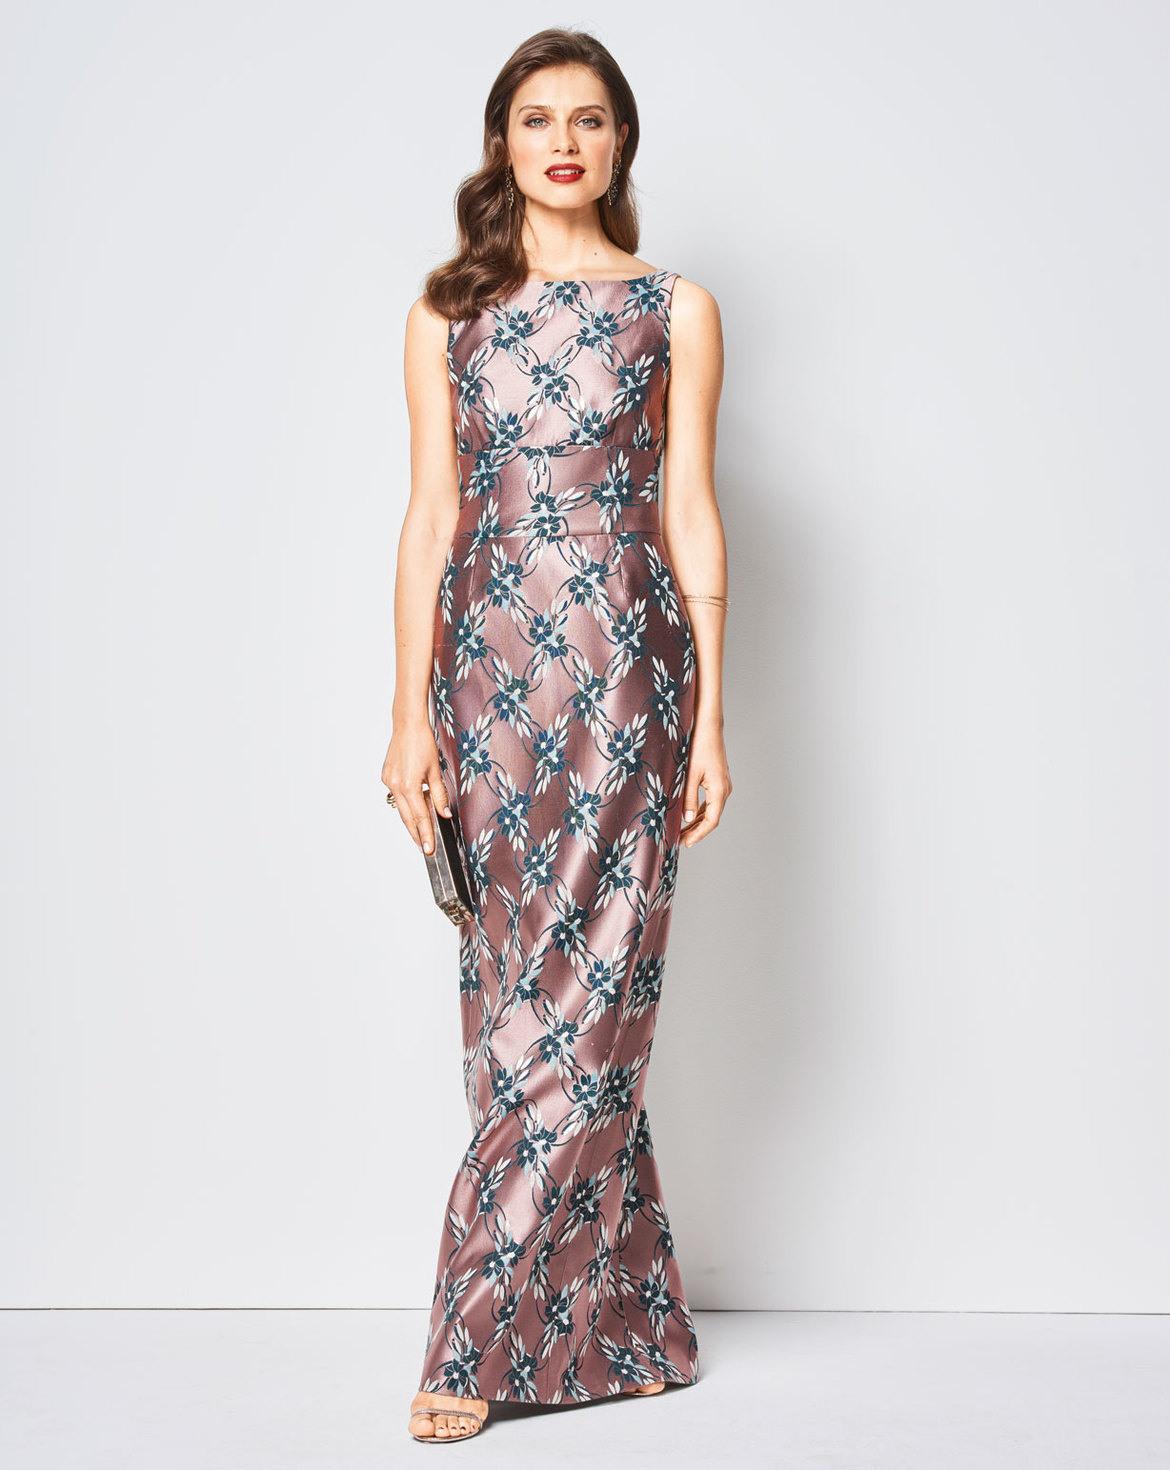 Designer Perfekt Abendkleider F Boutique17 Erstaunlich Abendkleider F Vertrieb